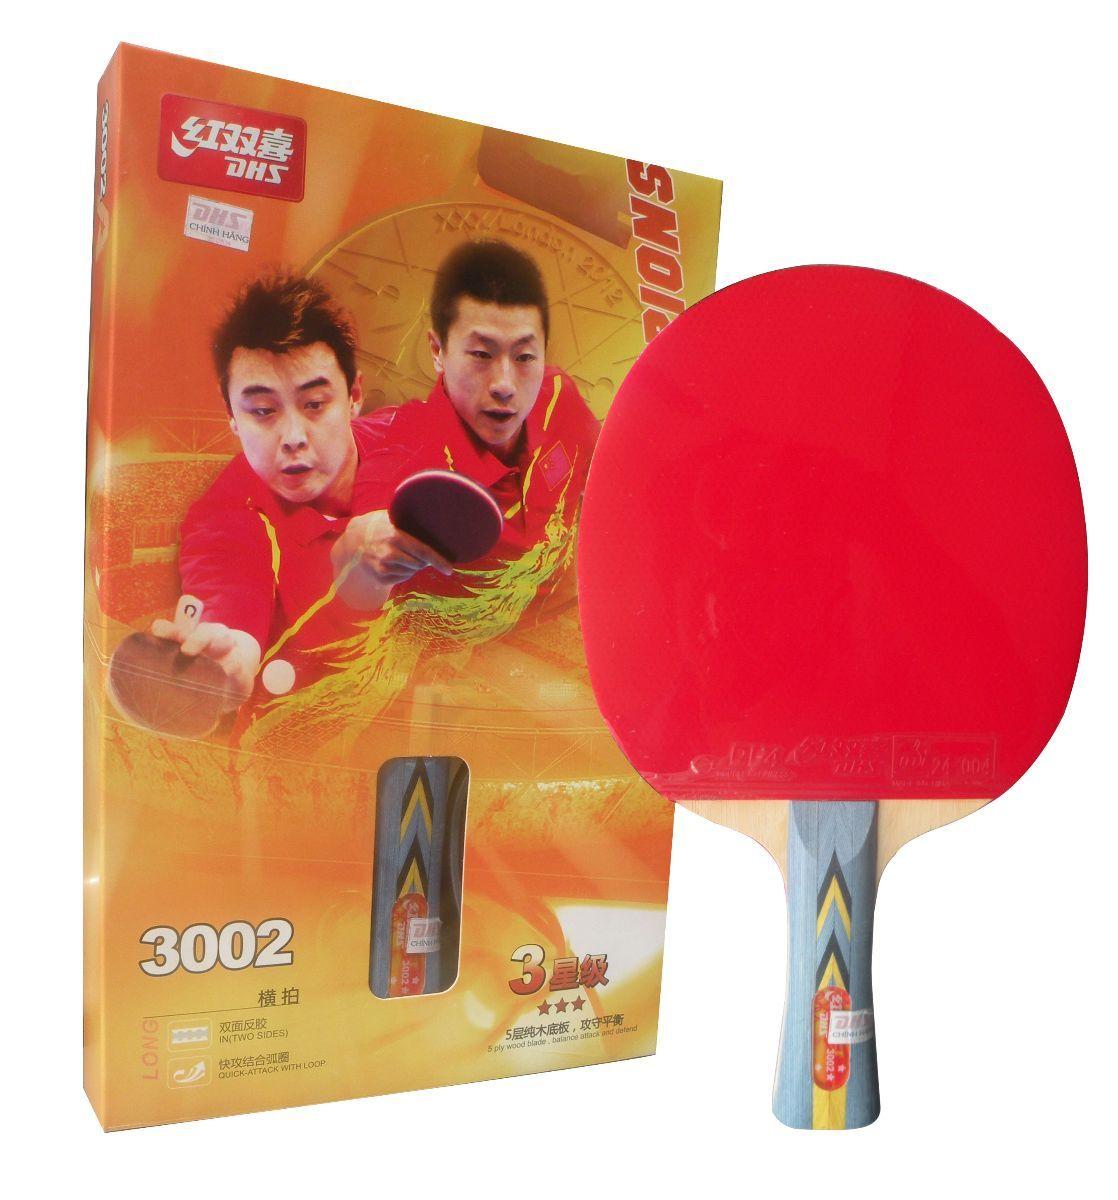 Vợt bóng bàn Double Fish DHS 3002 (Đỏ)